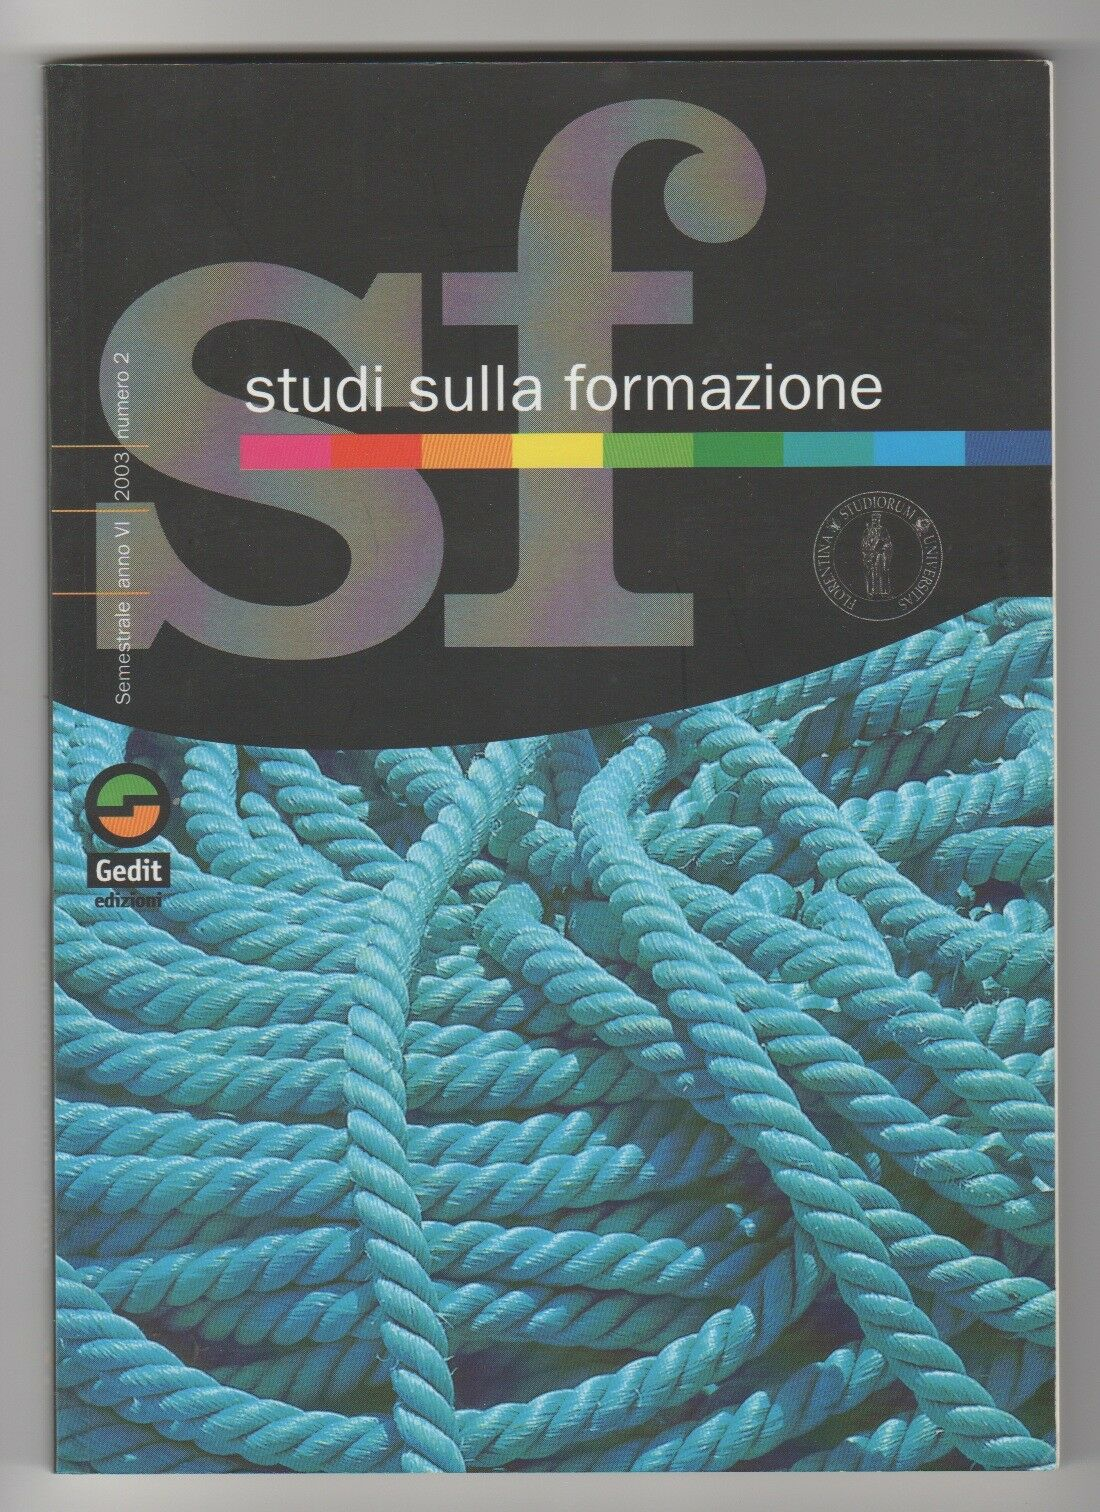 Studi sulla formazione anno VI n°2 2003 Gedit